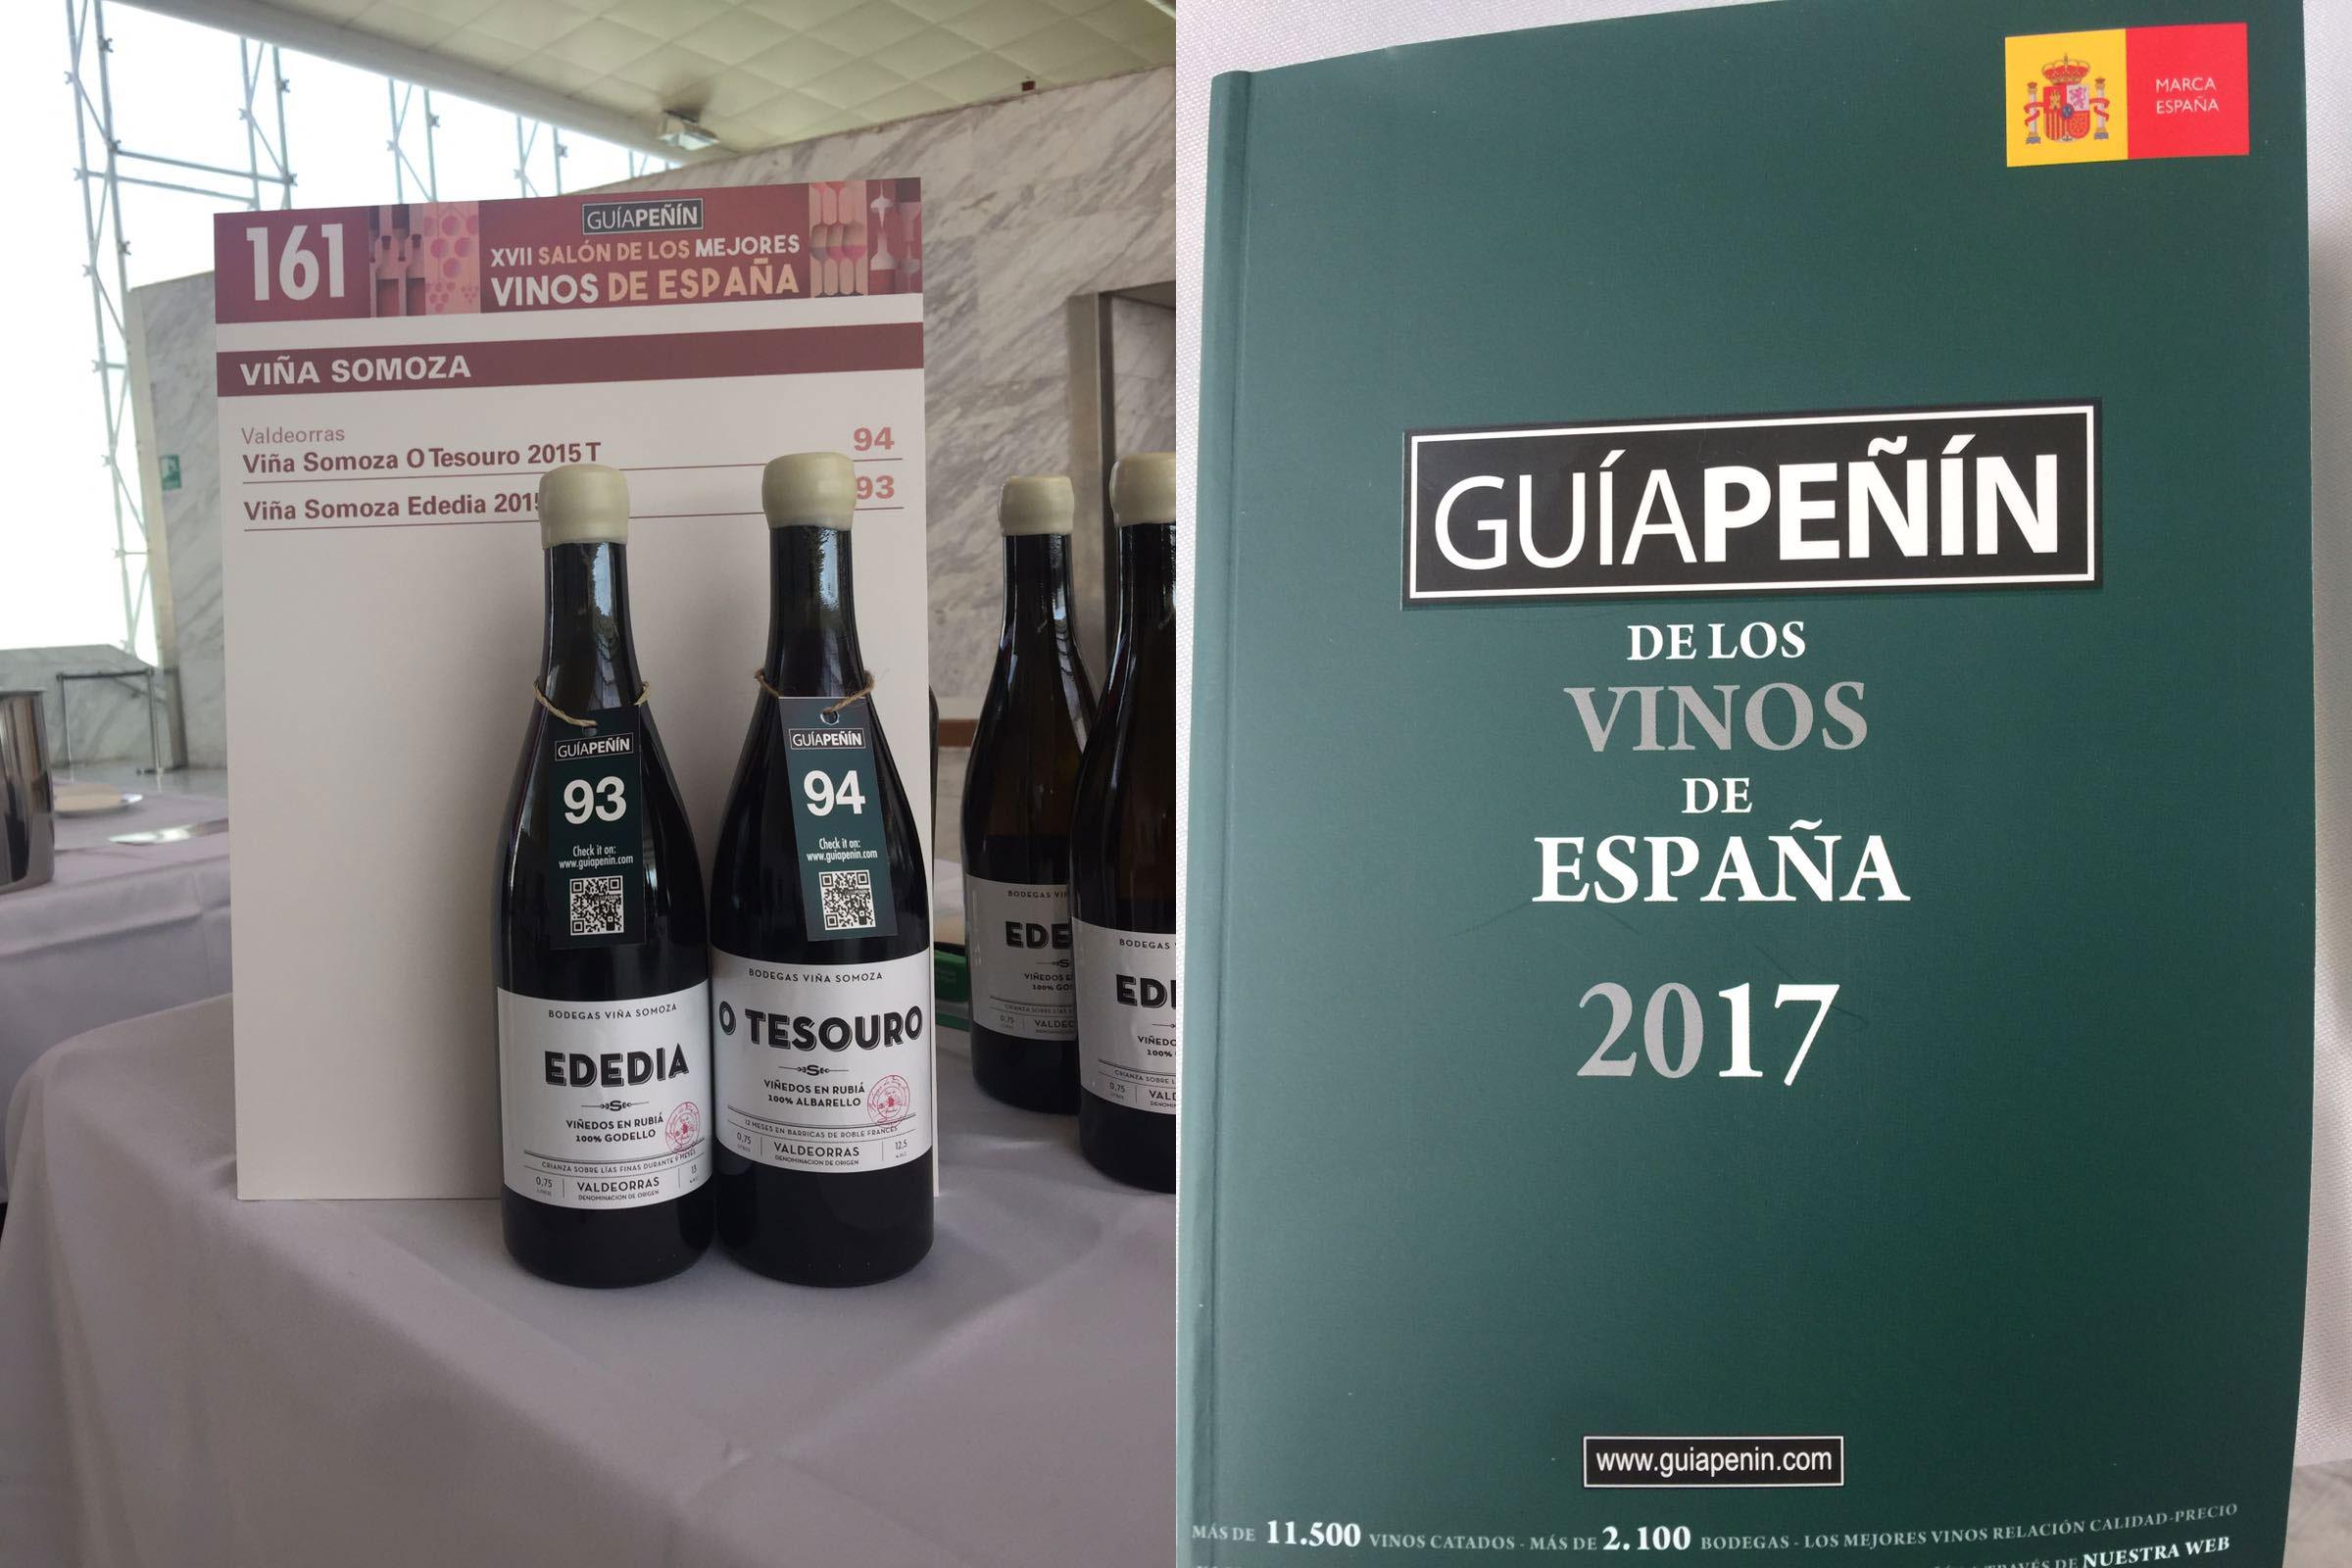 ededia y o tesouro en el salón de los mejores vinos de la guía peñín 2016